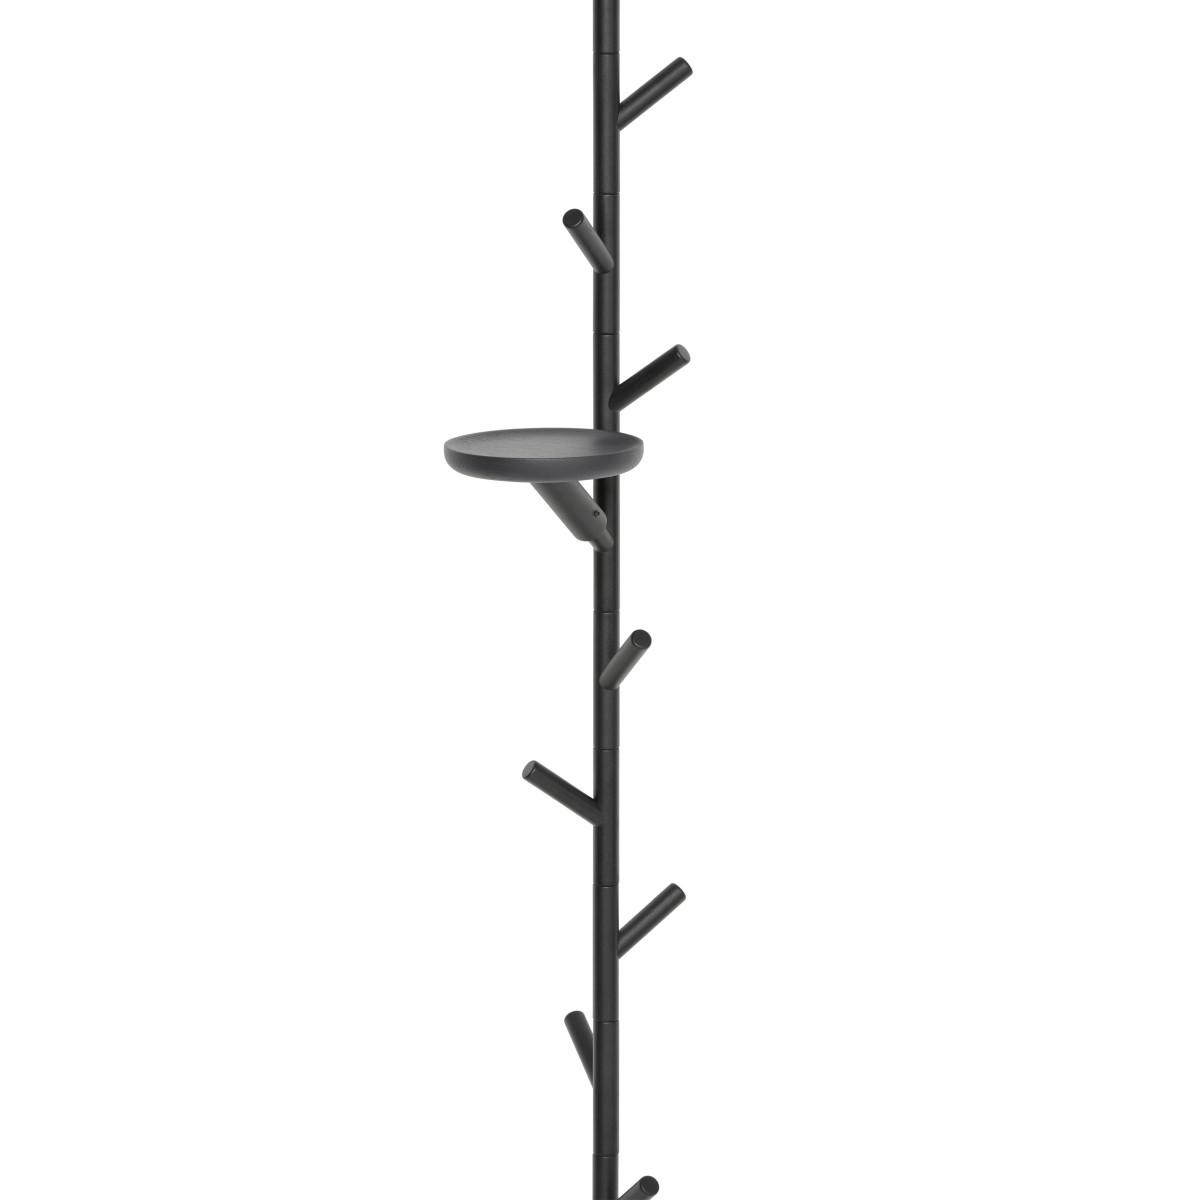 SUMI Wandgarderobe mit Zubehör runde Ablage in schwarz offenporig